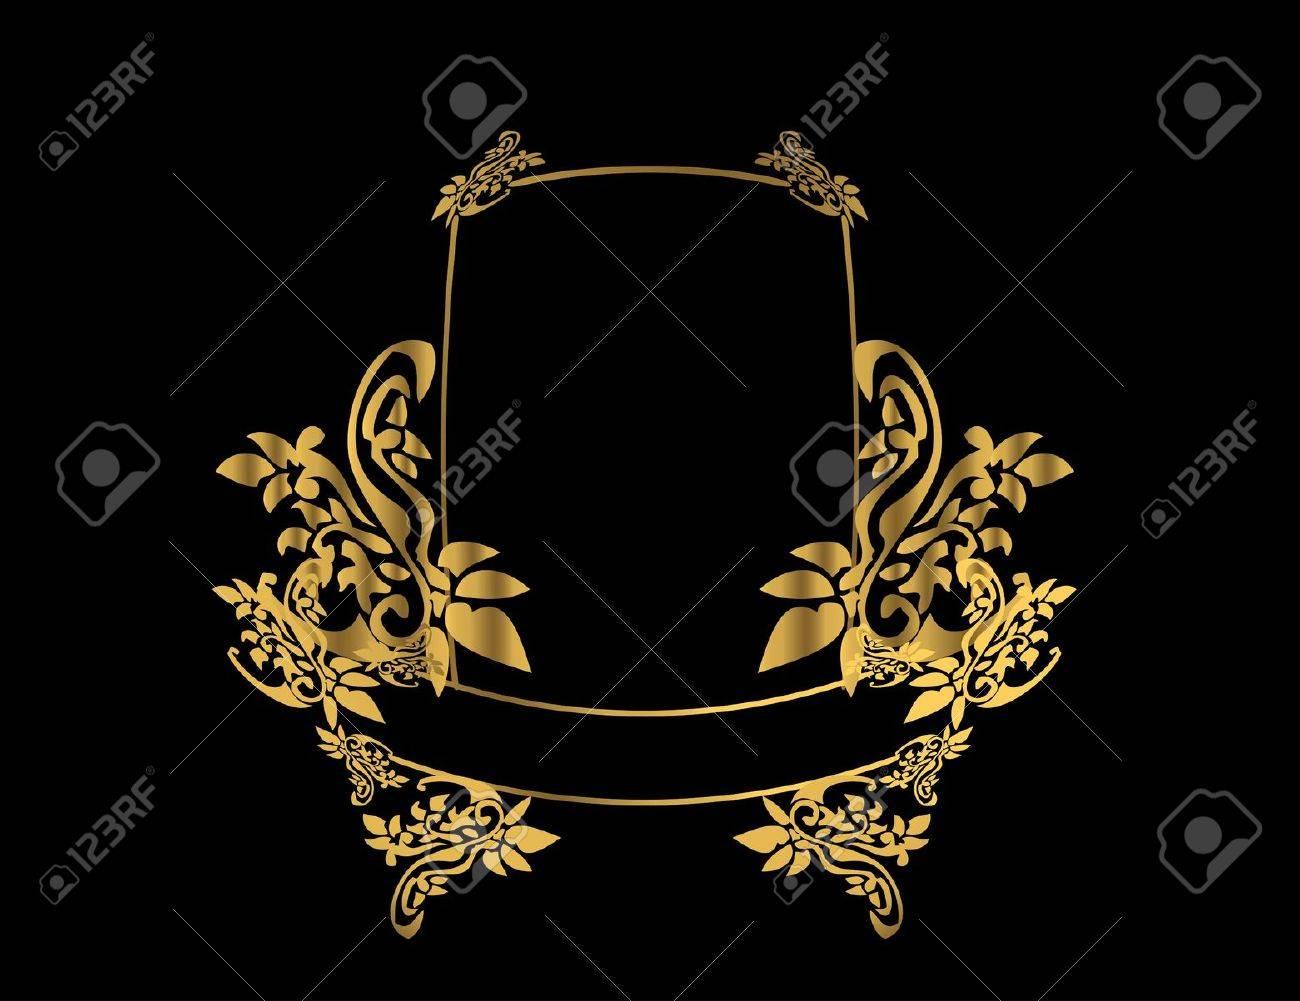 Gold floral frame on a black background - 4485716